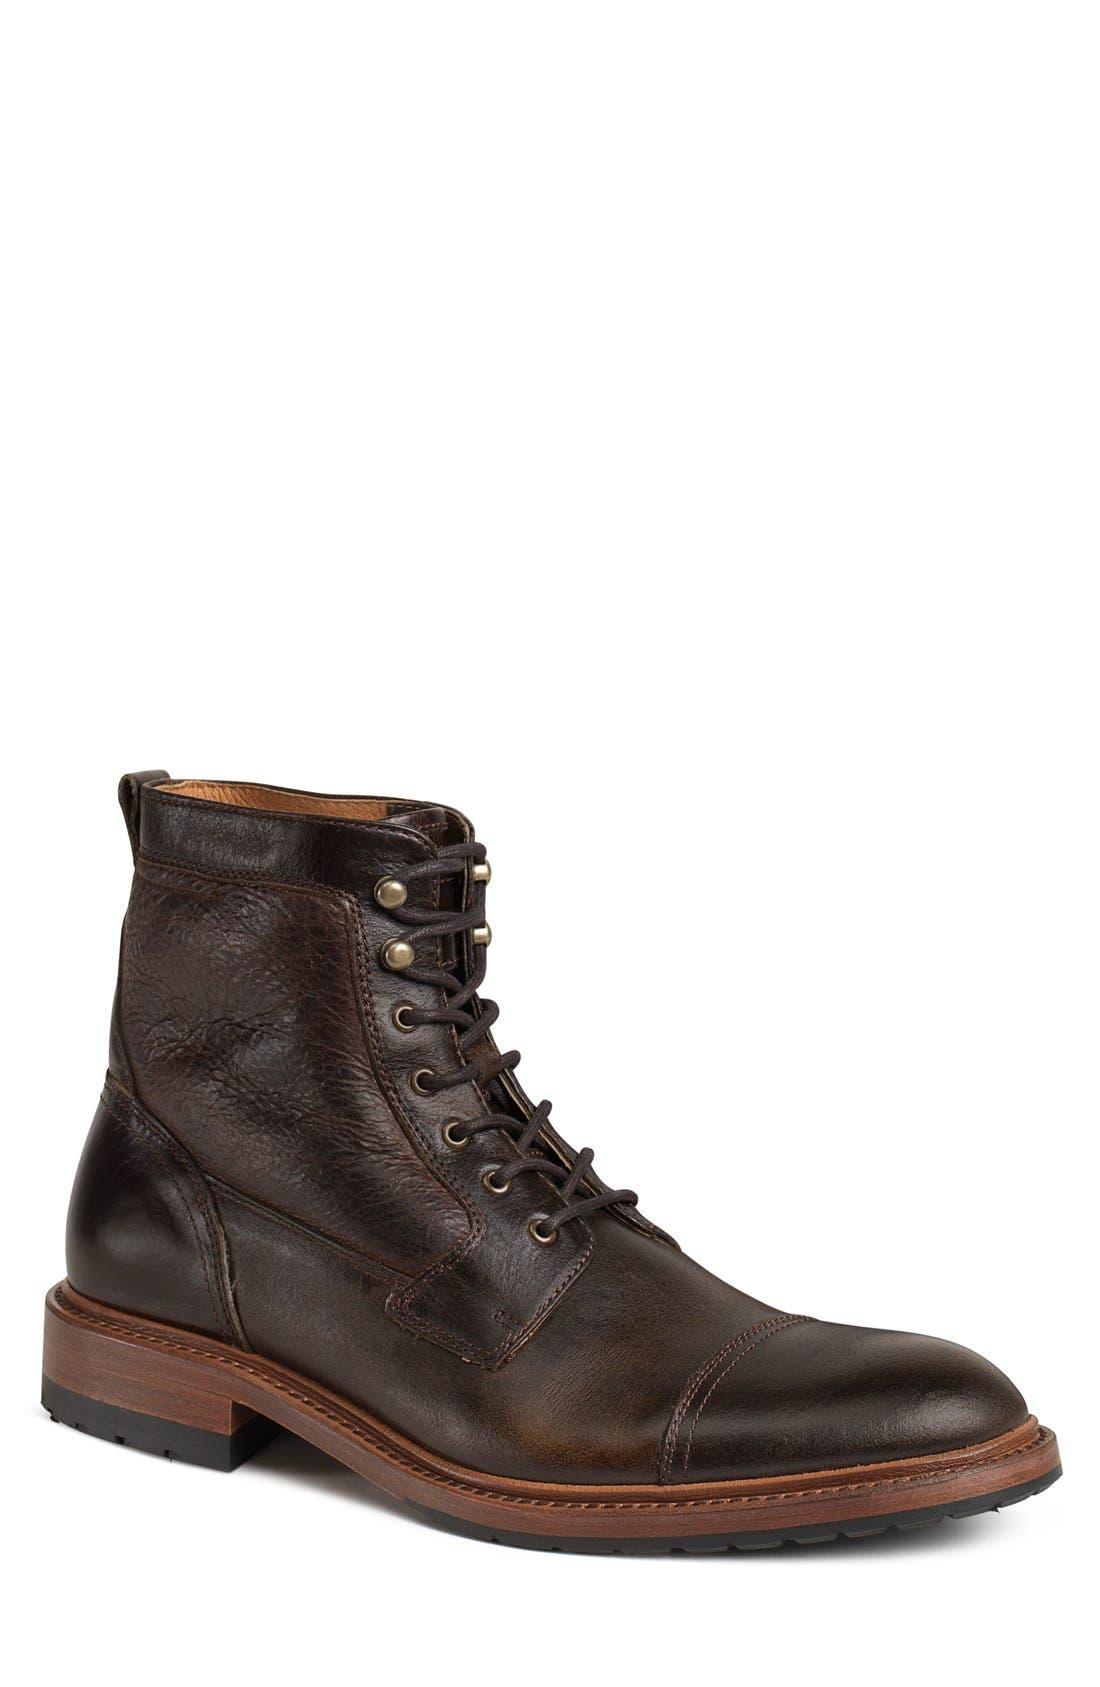 'Lowell' Cap Toe Boot,                             Main thumbnail 1, color,                             Dark Brown